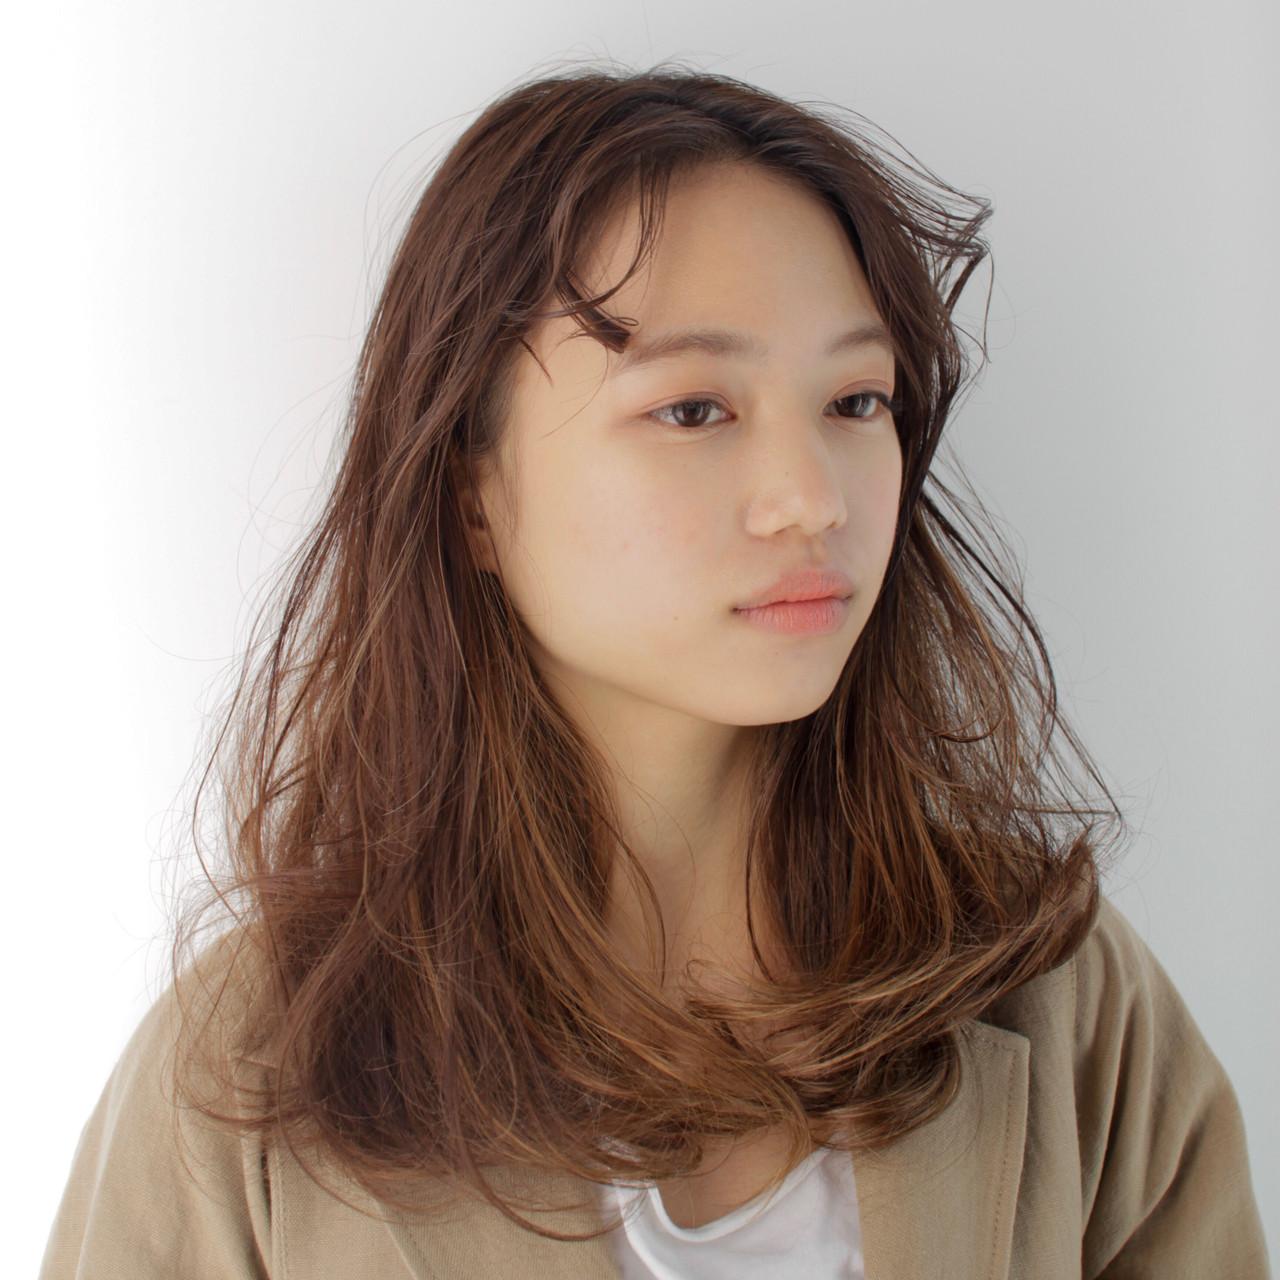 セミロング デート 前髪パーマ パーマ ヘアスタイルや髪型の写真・画像